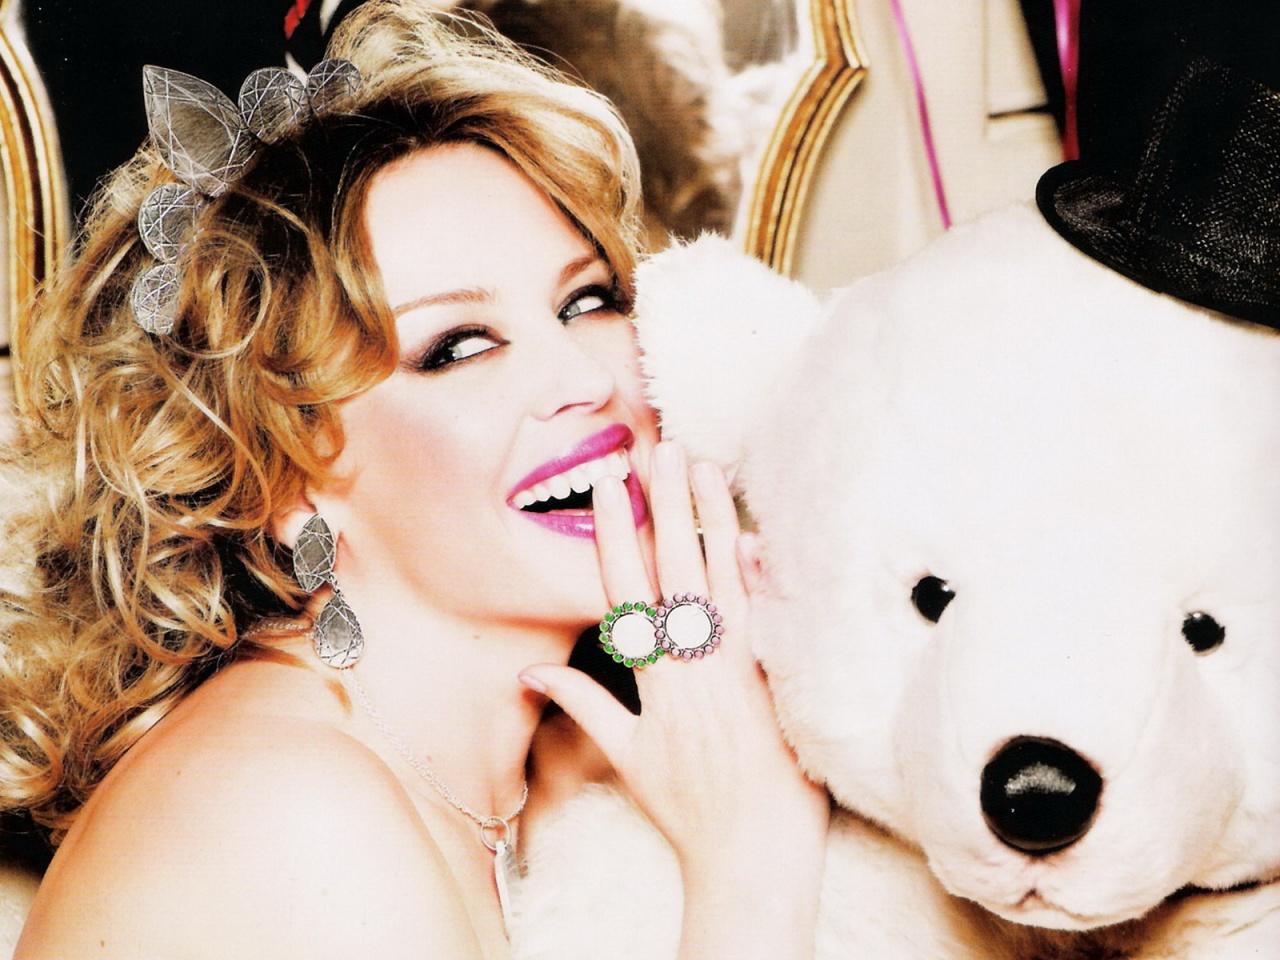 http://2.bp.blogspot.com/-eZ9aO01EzII/TX_wmMzU6vI/AAAAAAAAAjw/f60HG8KuVeI/s1600/kylie-minogue-fake-smile_1280x960.jpg